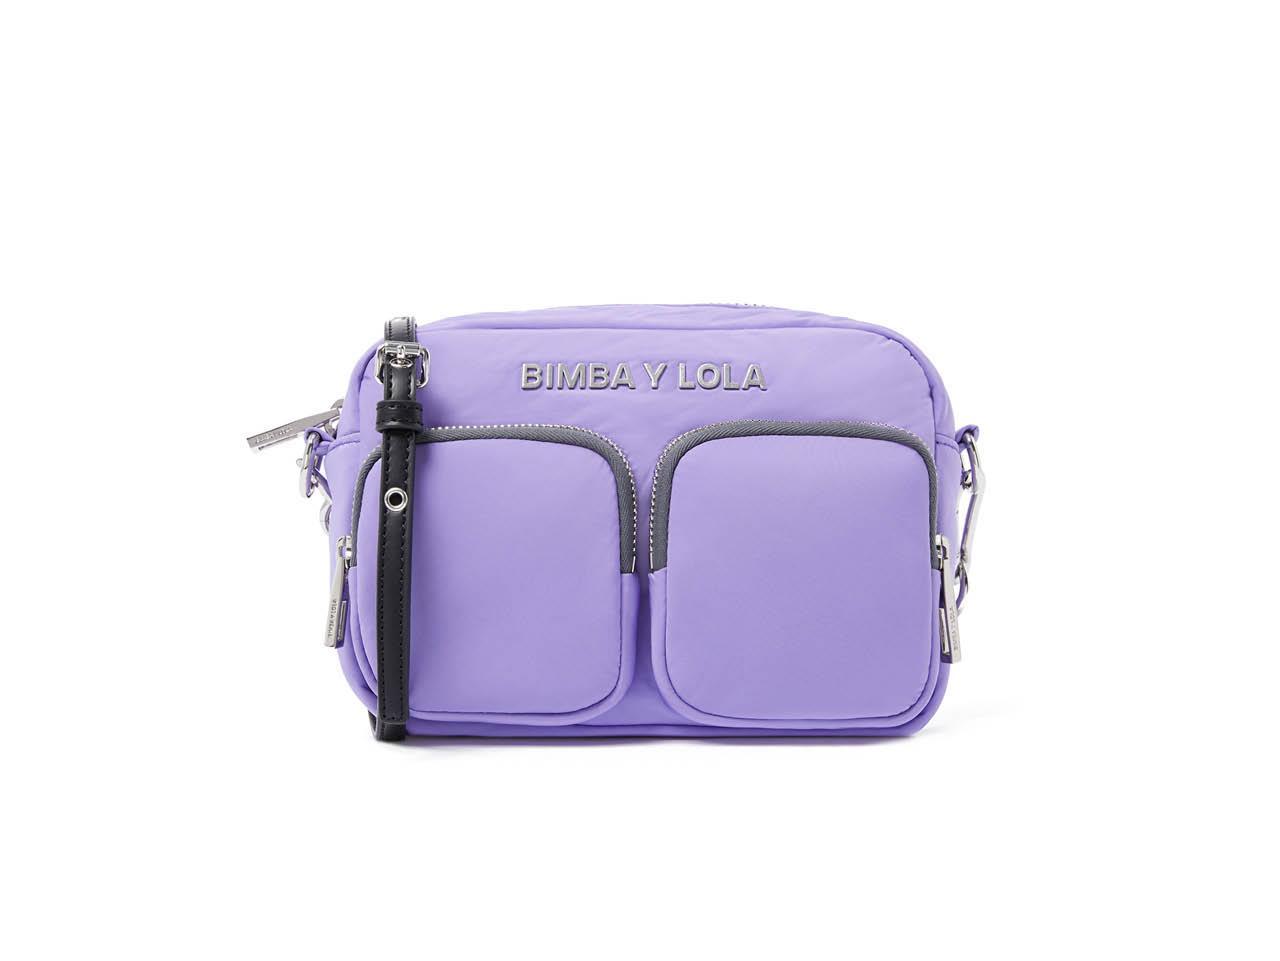 ed52b4d475a los bolsos mas bonitos y rebajados de bimba y lola doble bolsillo lila 52€.